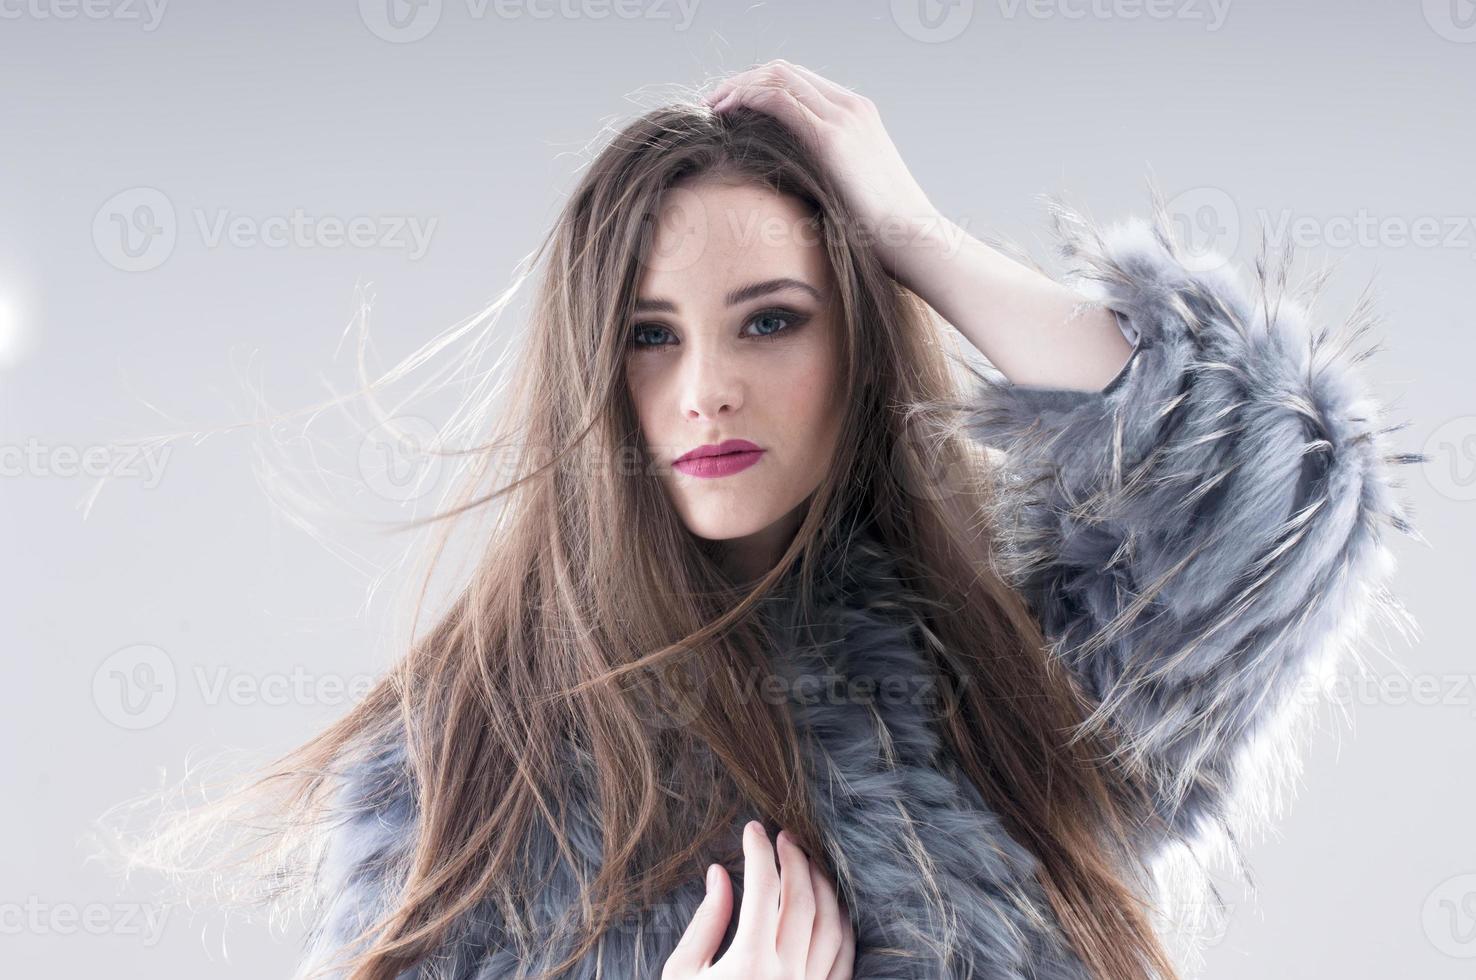 garota sensual em um casaco foto